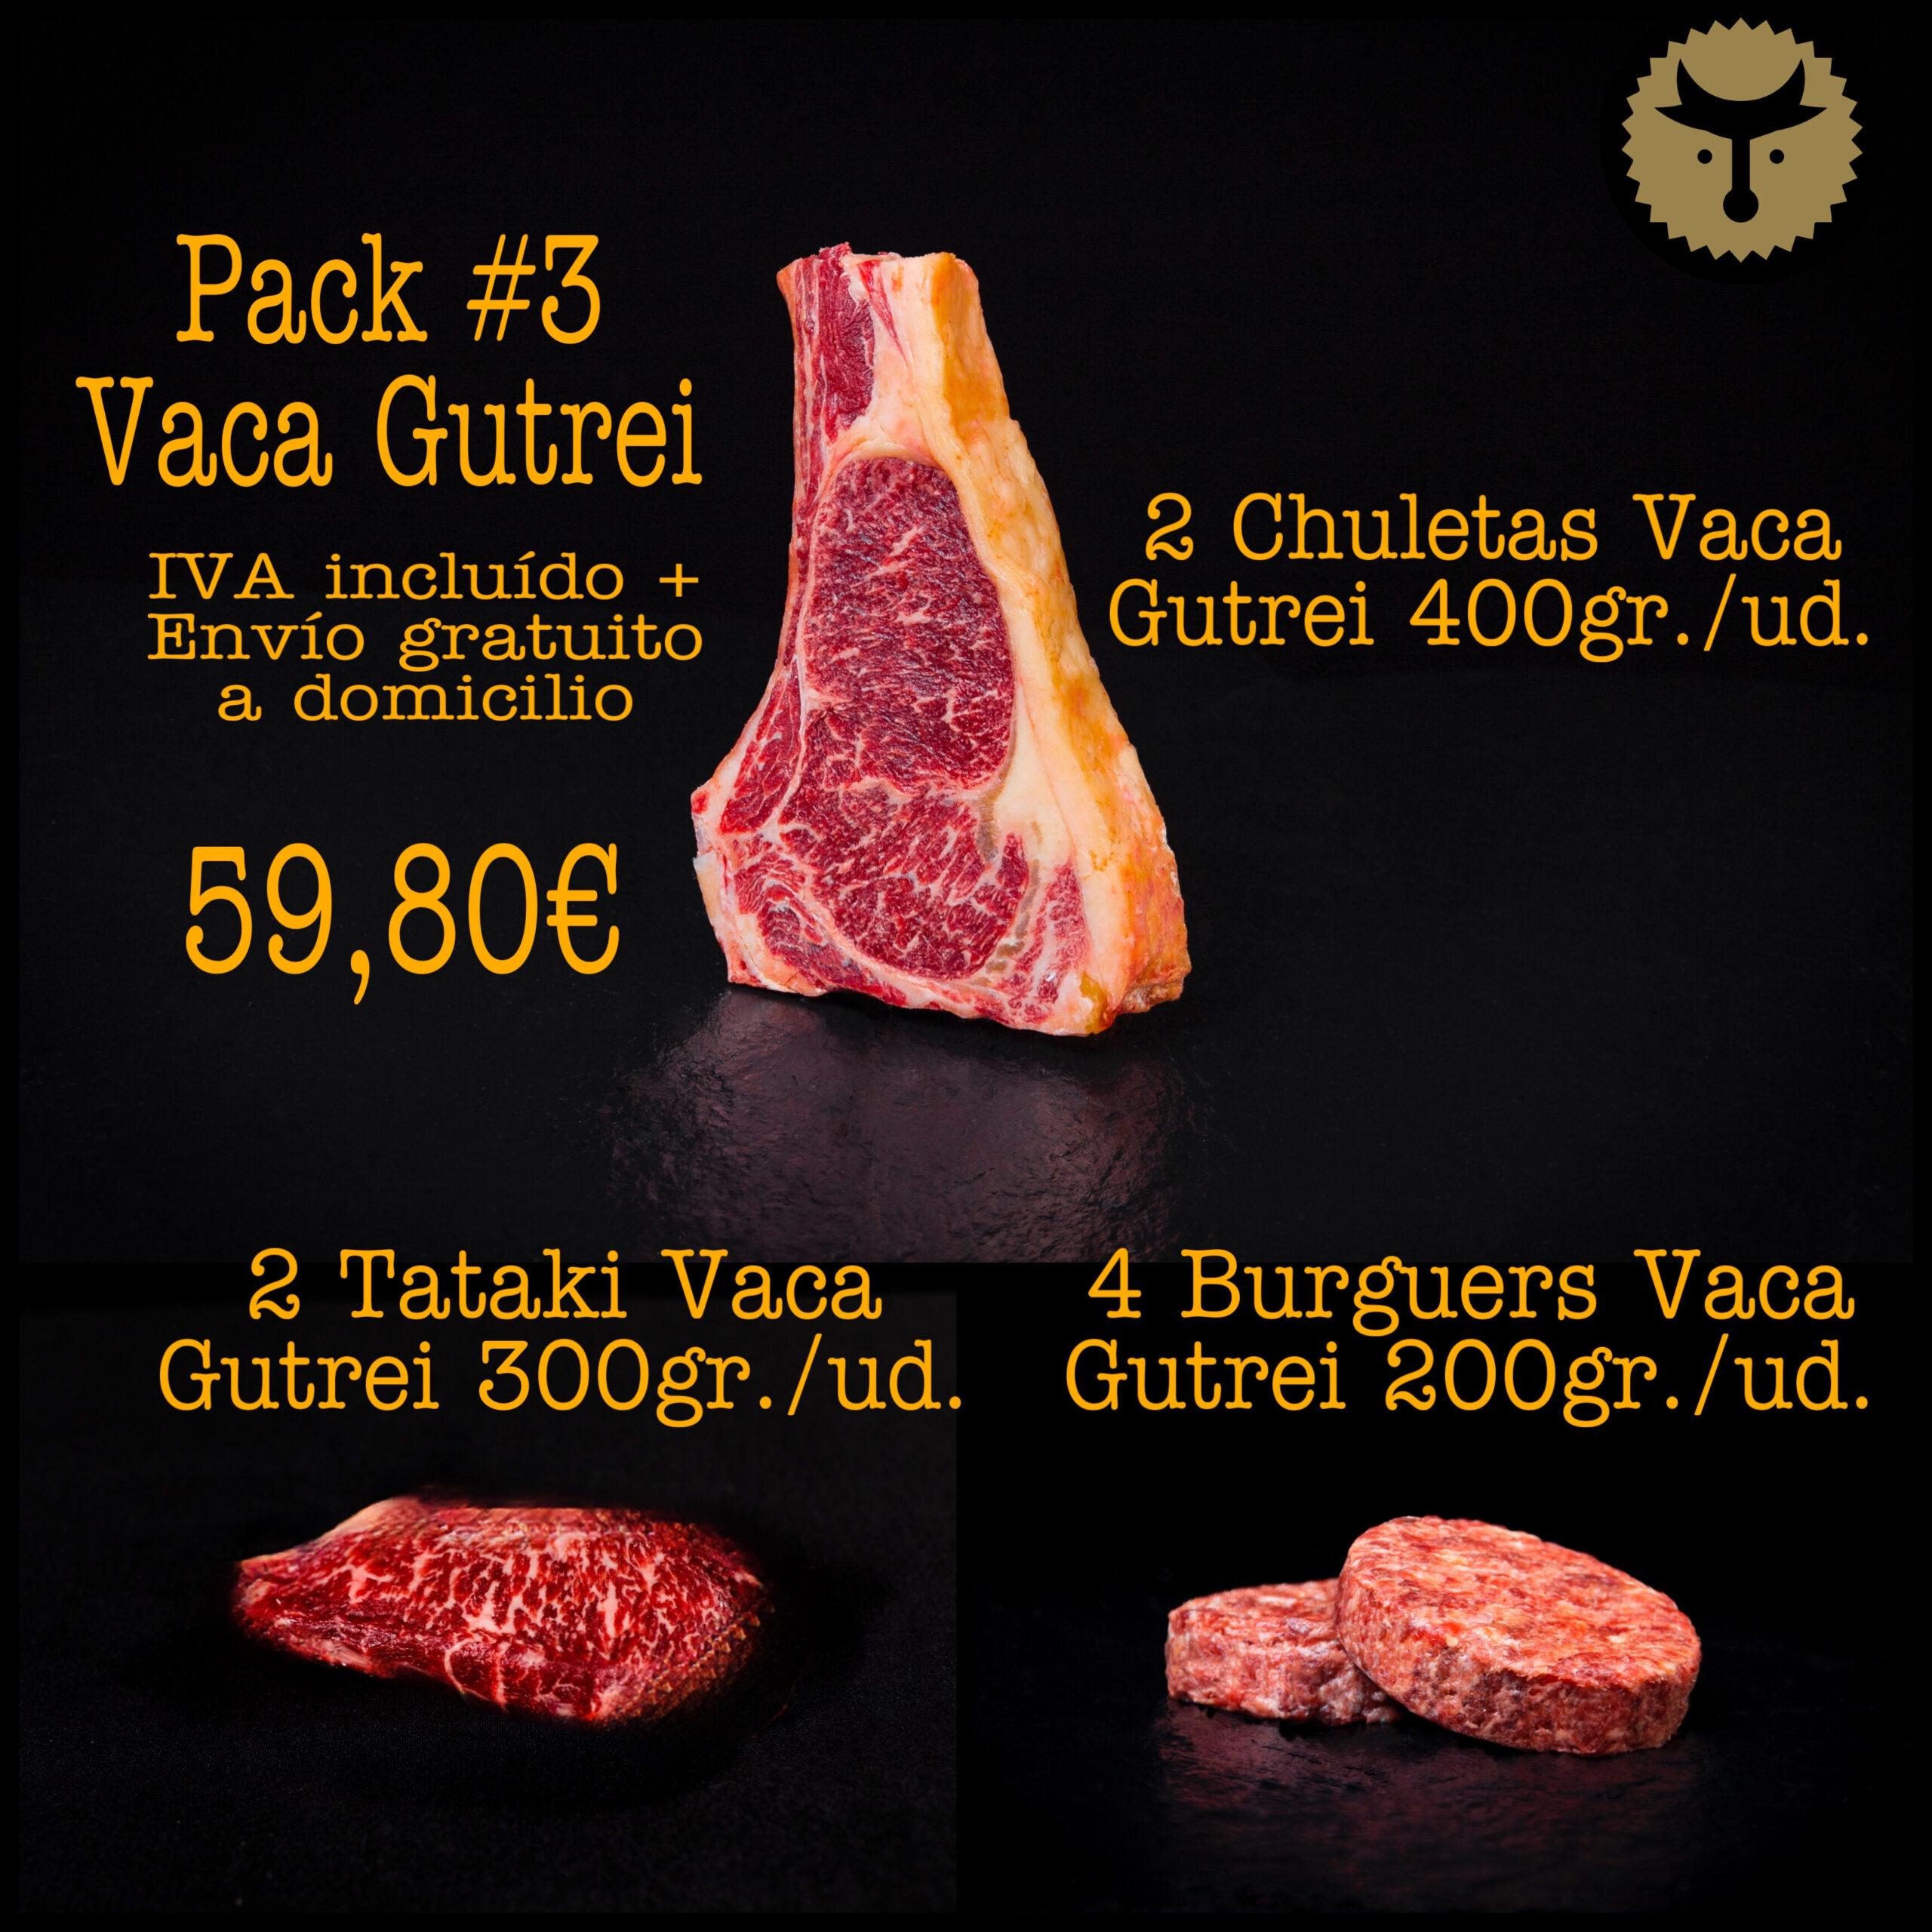 Pack 3 Vaca Gutrei